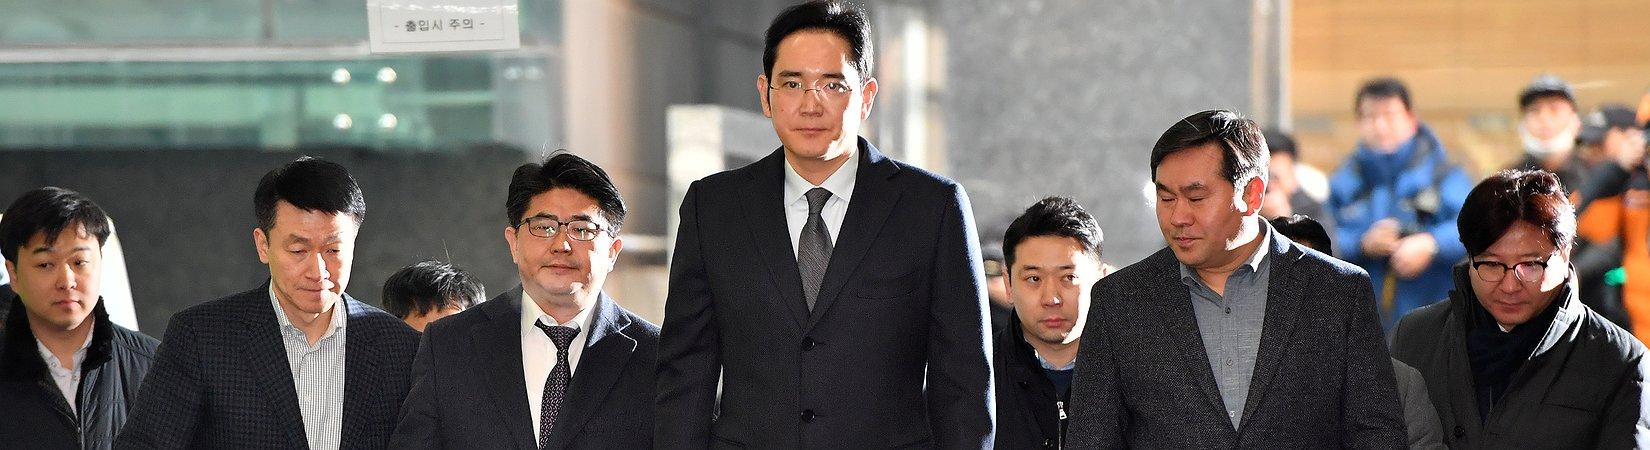 Detenido el heredero de Samsung por un escándalo de corrupción